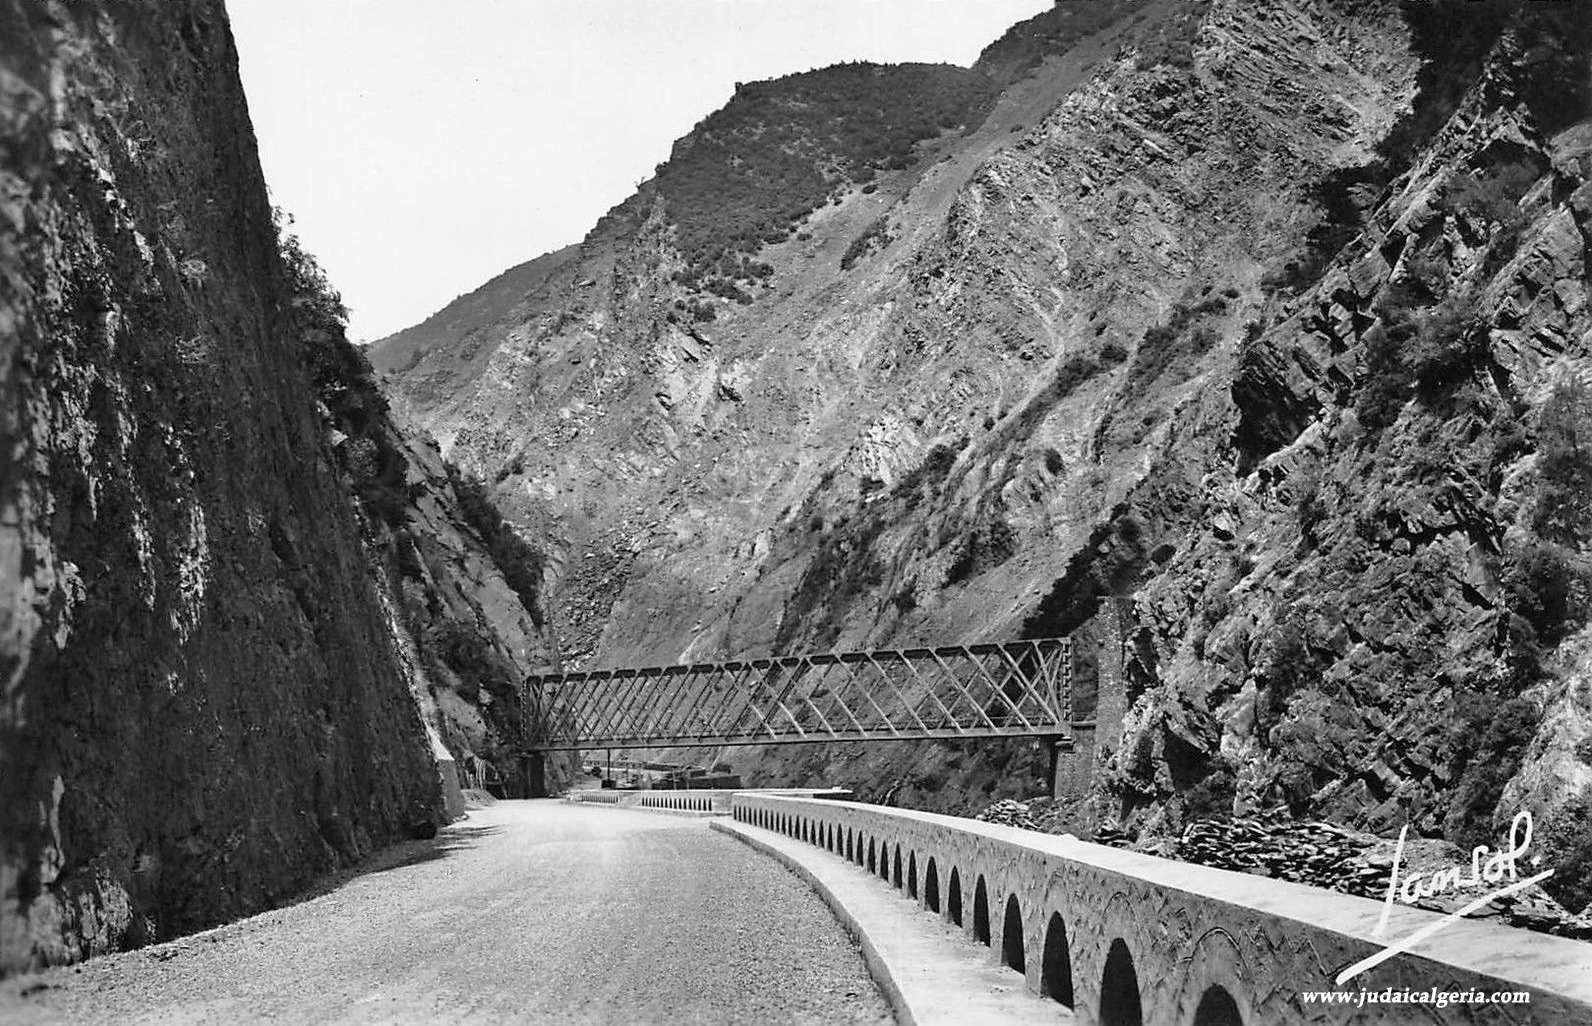 Gorges de la chiffa voie de chemin de fer